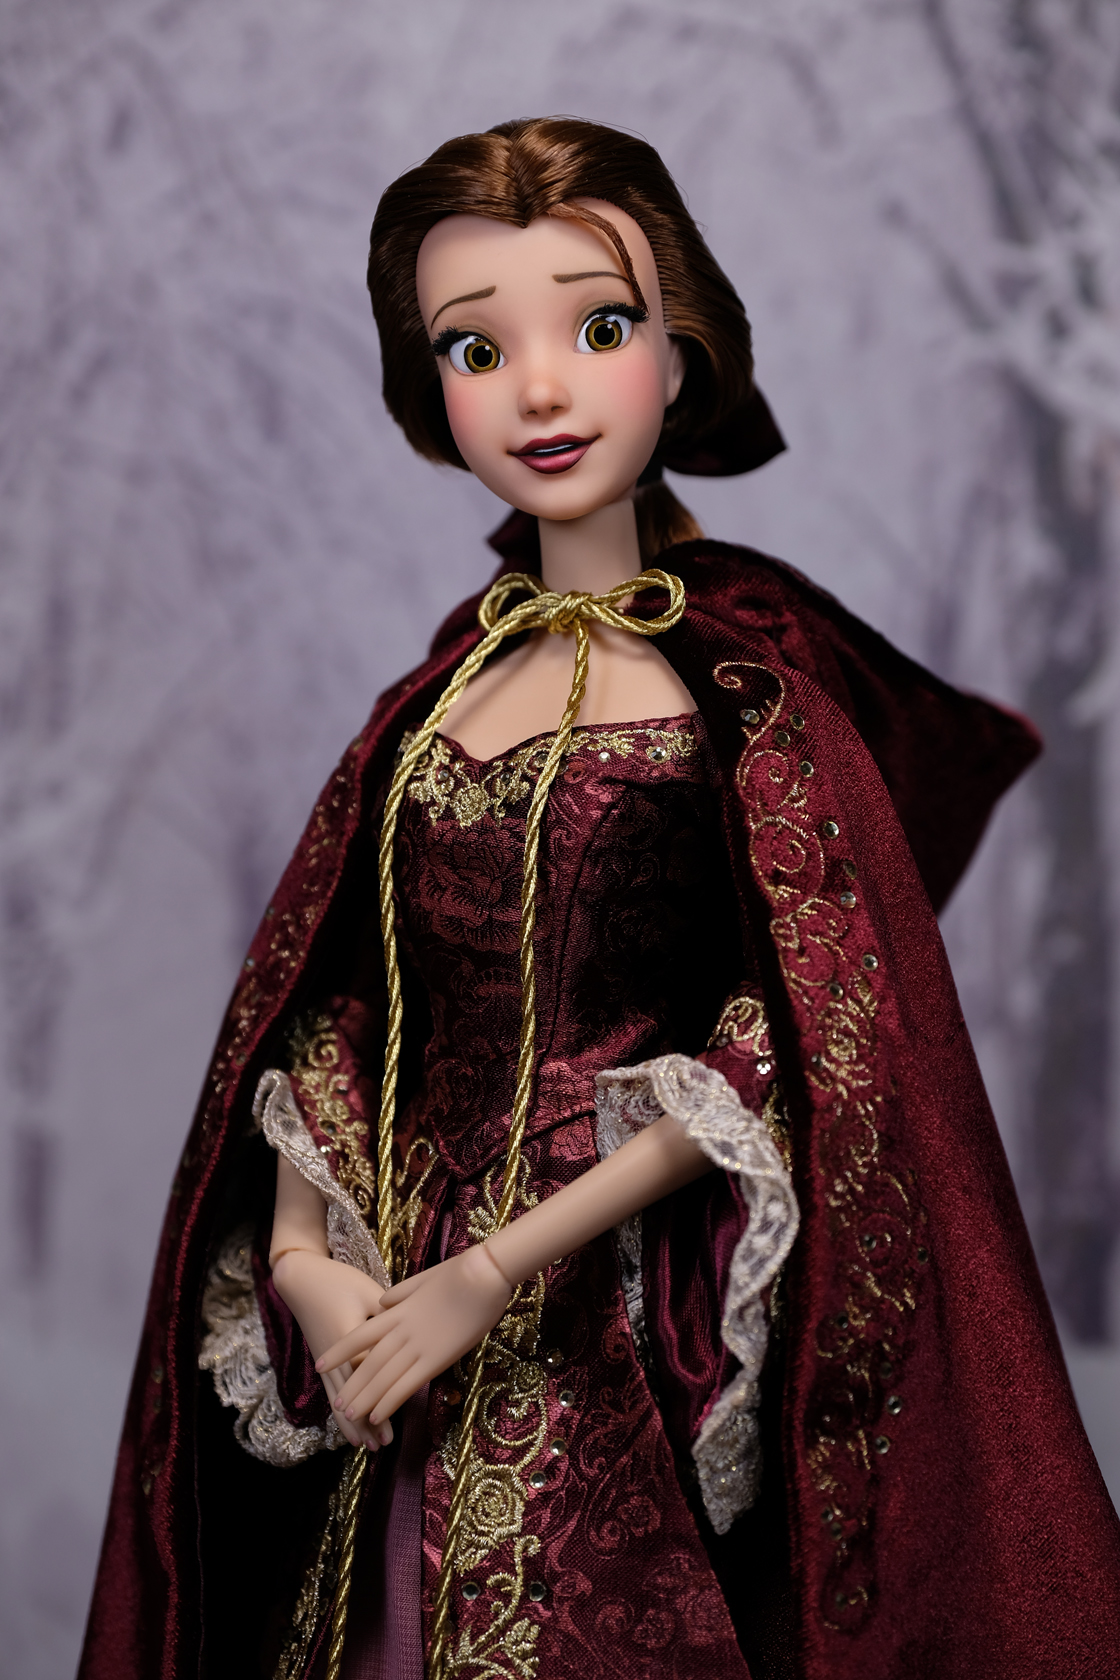 belle_ooak_doll